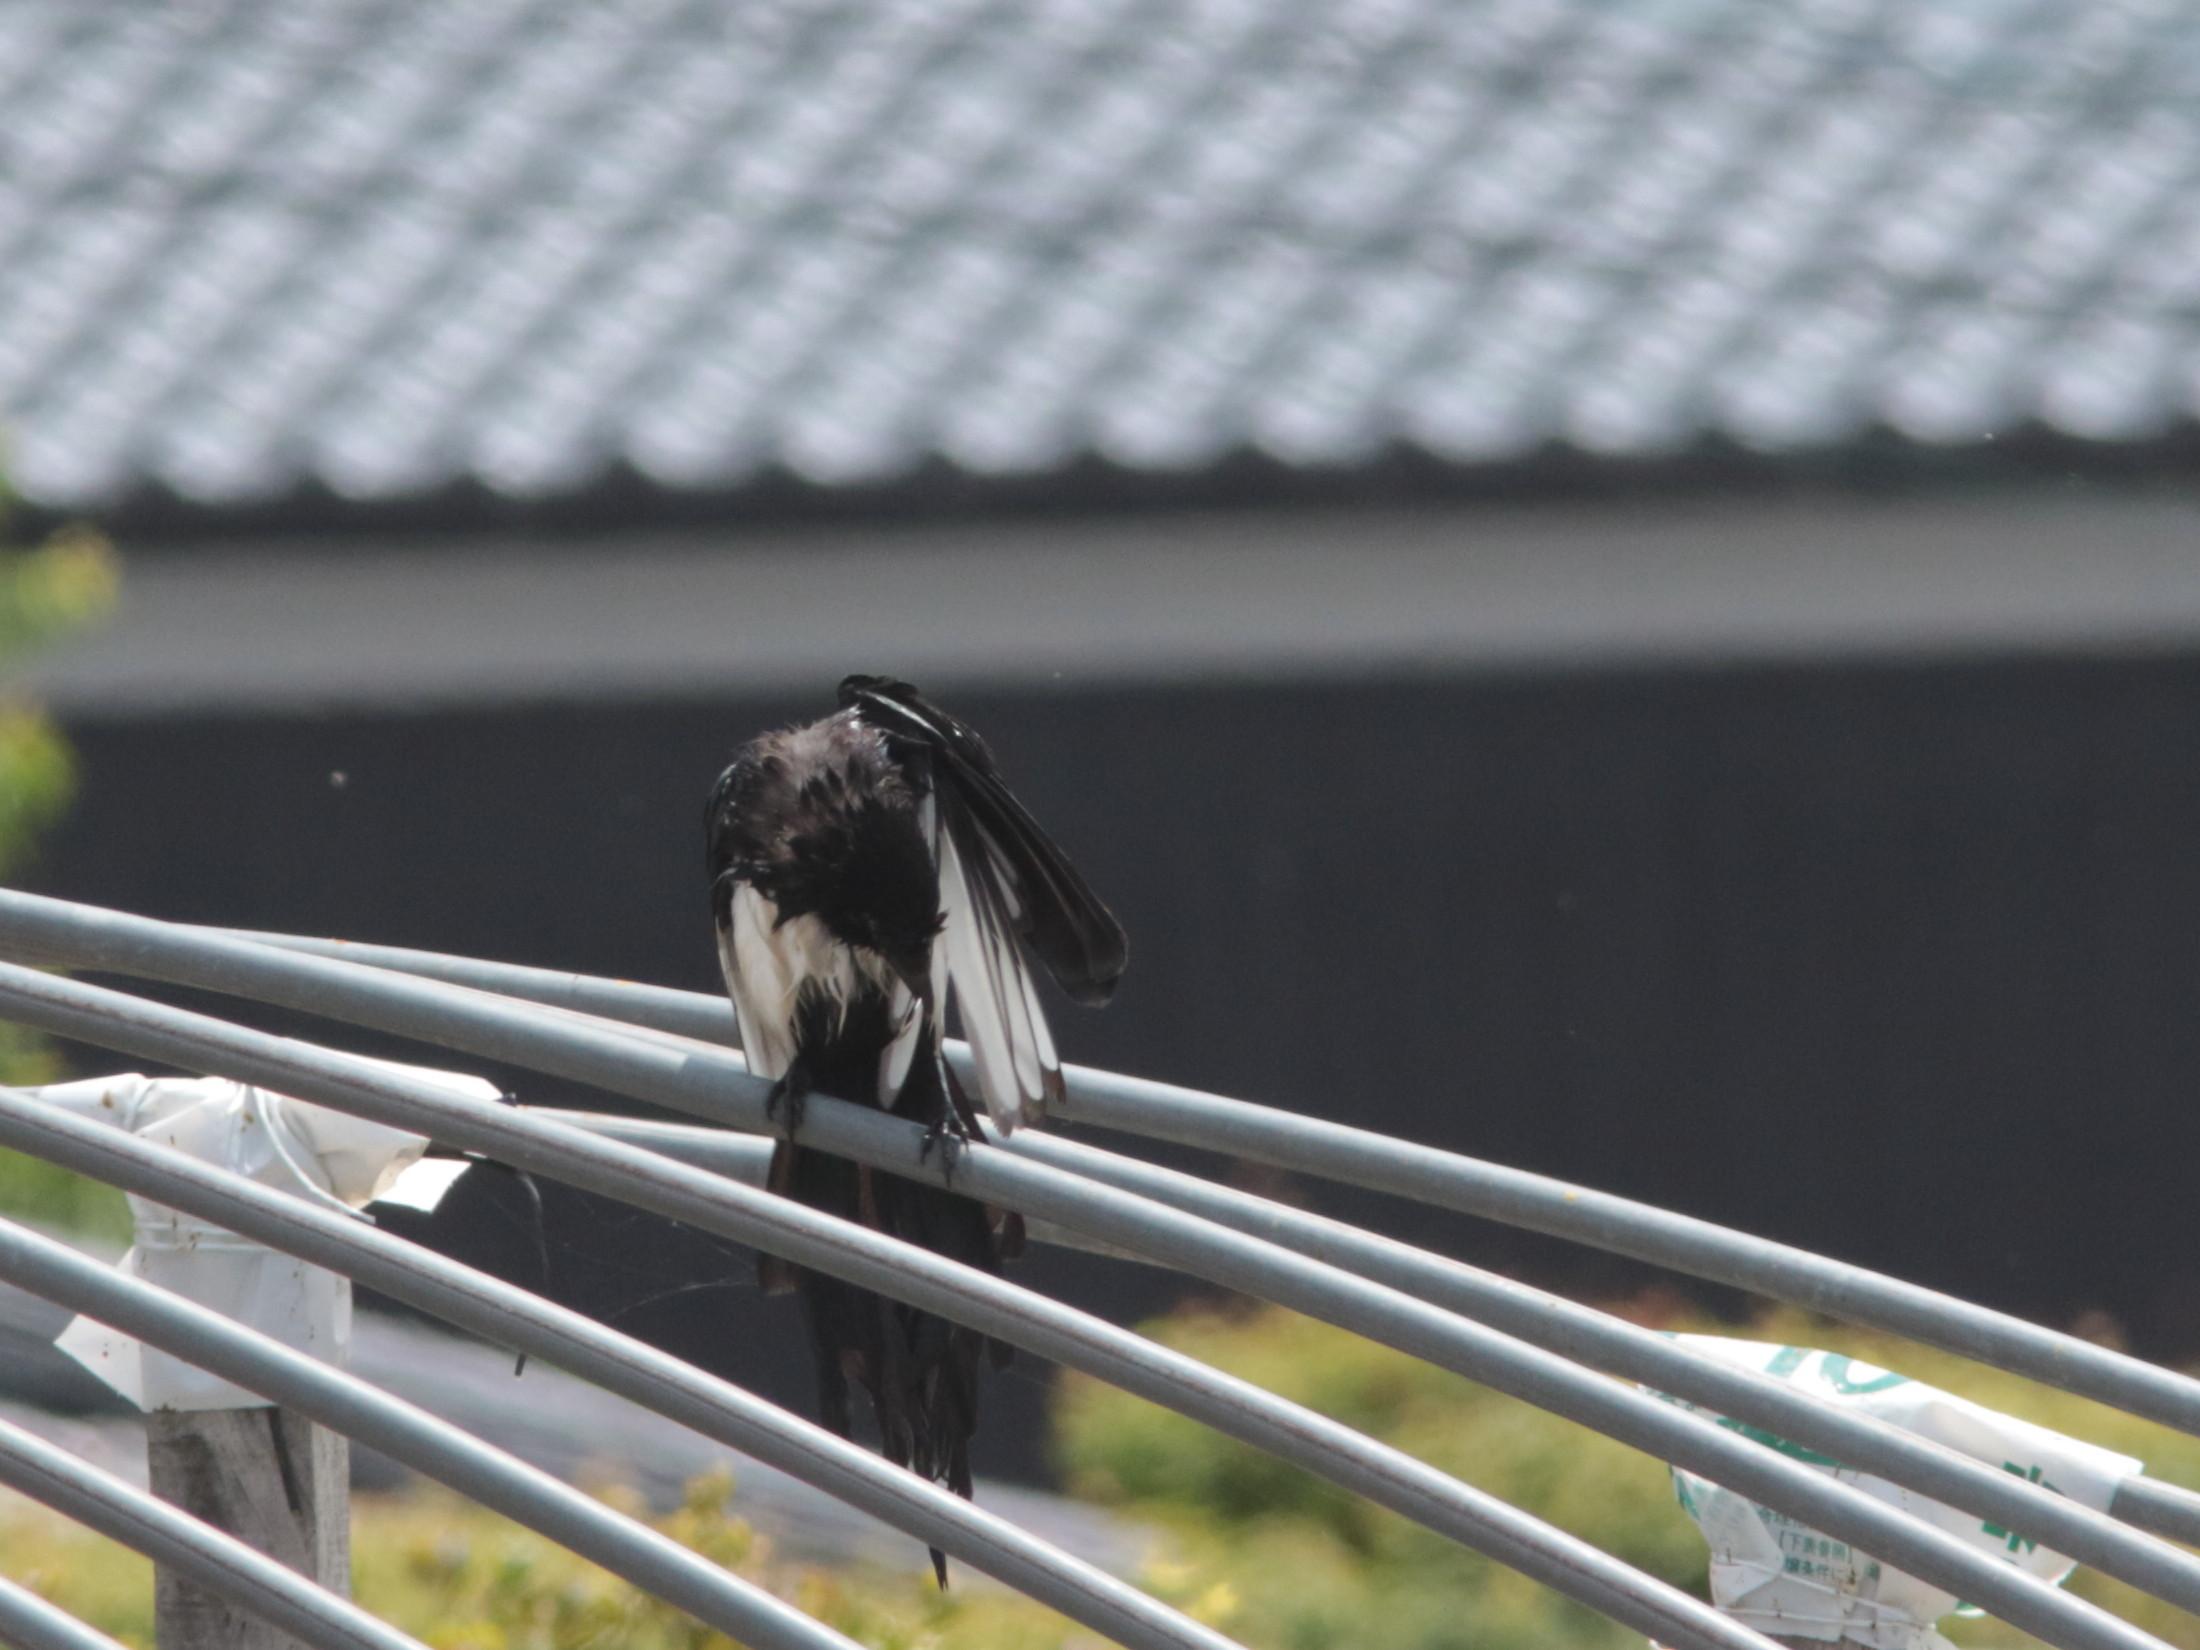 苗代で水浴び後のカササギ  佐賀平野_d0346713_18361425.jpg